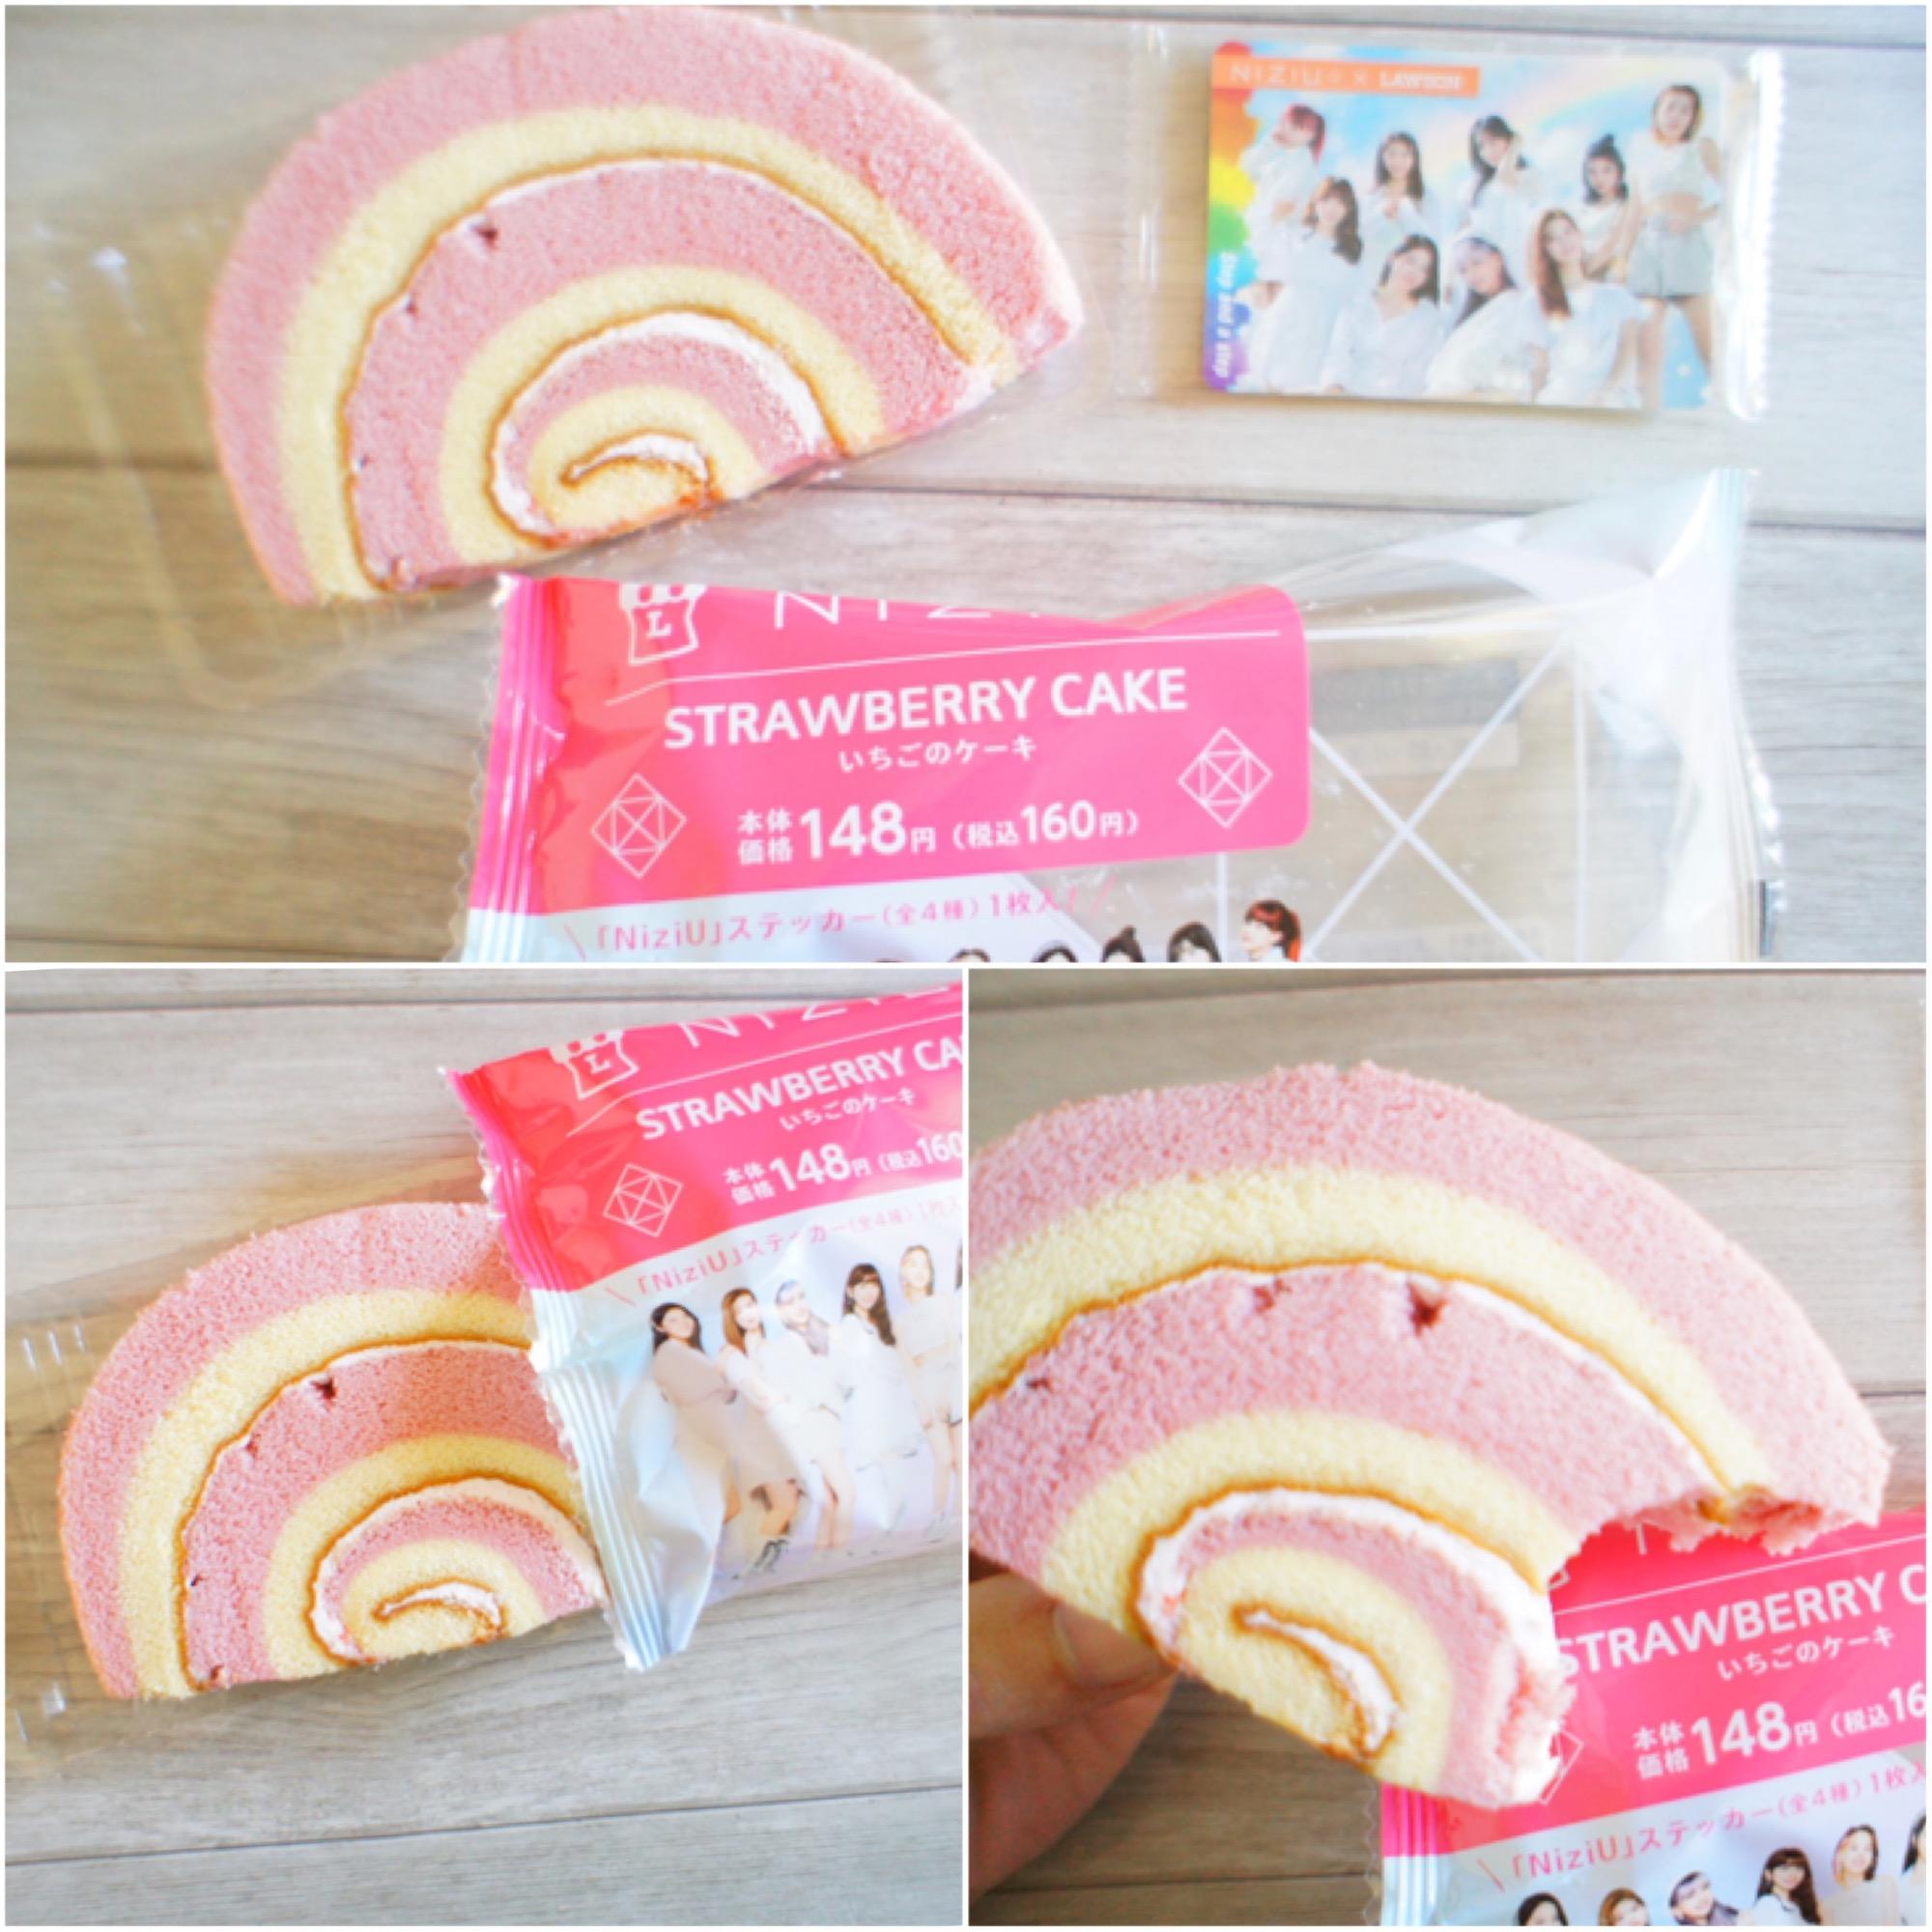 《ステッカー付き❤️》【ローソン×NiziU】第2弾!いちごのケーキが本日登場☻_2